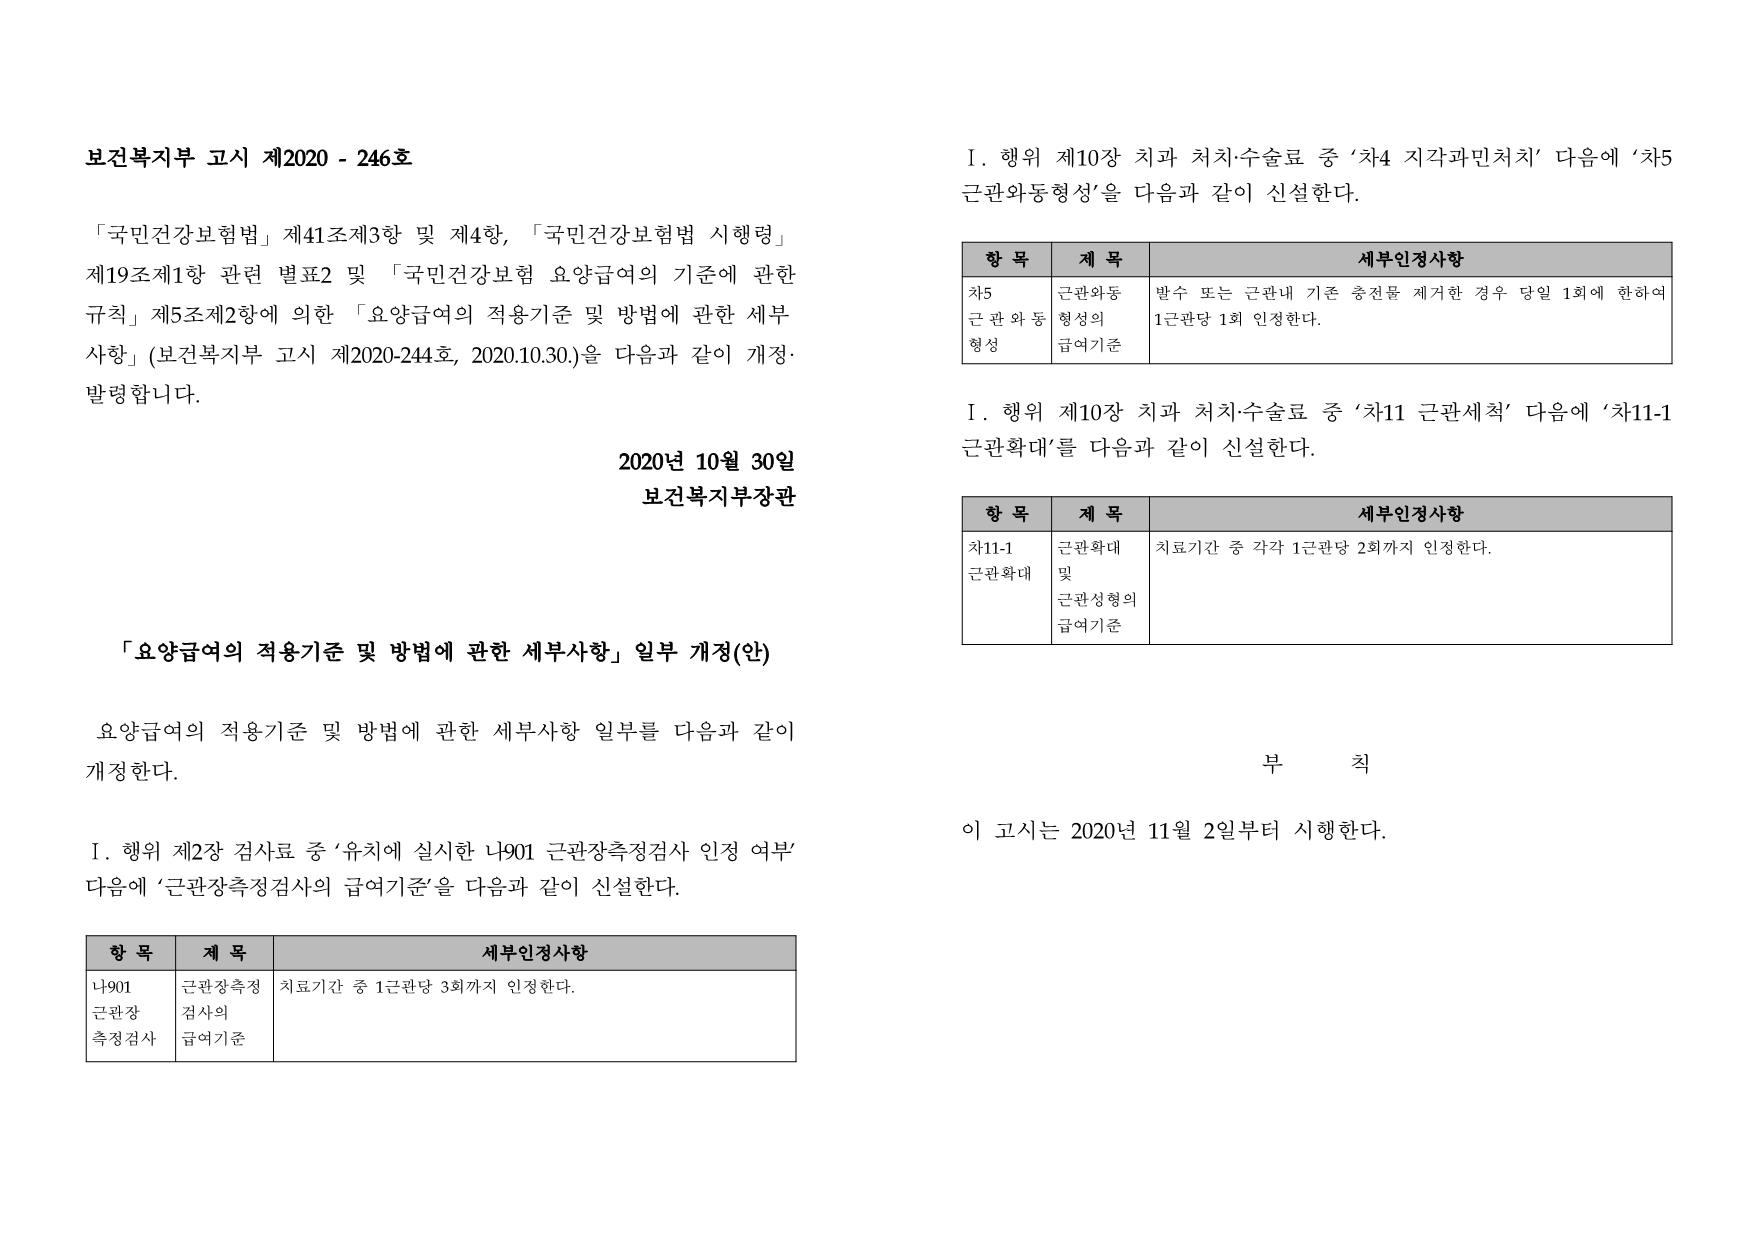 97d12a1e-cba5-40f7-b9de-5567ff97bc94.pdf-0001.jpg